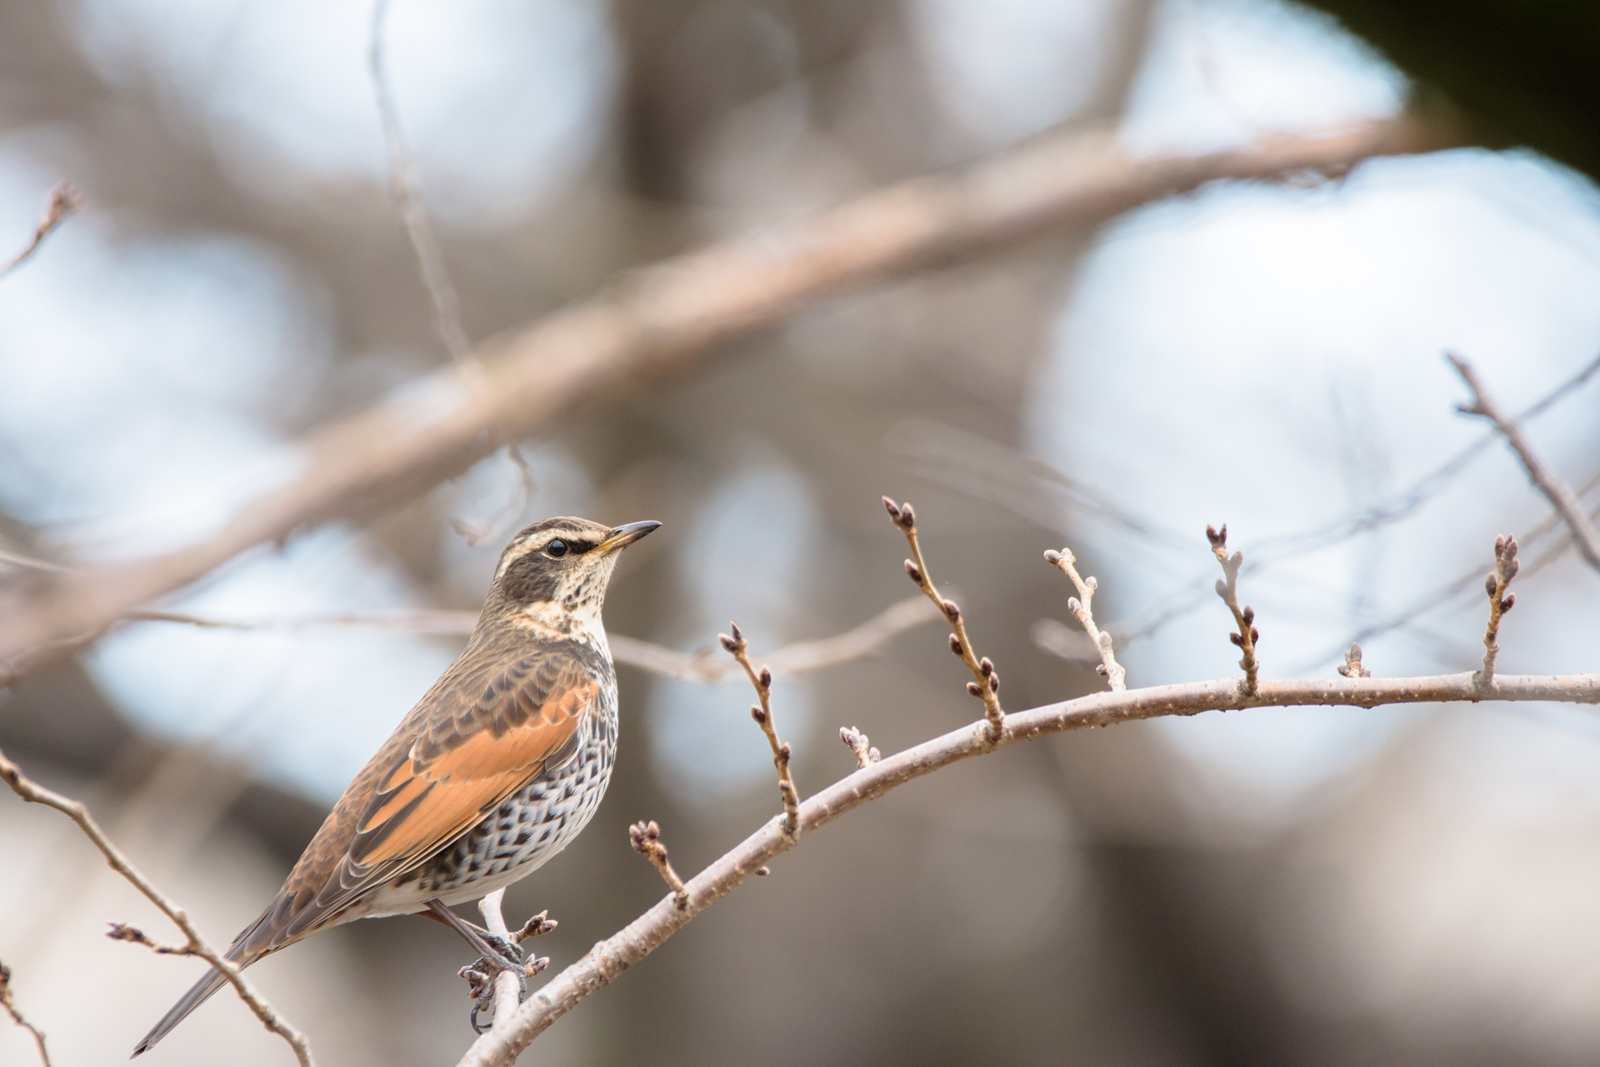 Photo: 「待ってるよ」 / Looking Forward to the Bloom.  あっちからこっちから 少しずつ形を現す蕾たち ゆっくりゆっくりね その時をじっと待ってるよ  Dusky thrush. (ツグミ)  Nikon D7200 SIGMA 150-600mm F5-6.3 DG OS HSM Contemporary  #birdphotography #birds #kawaii #nikon #sigma #小鳥グラファー  ( http://takafumiooshio.com/archives/753 )